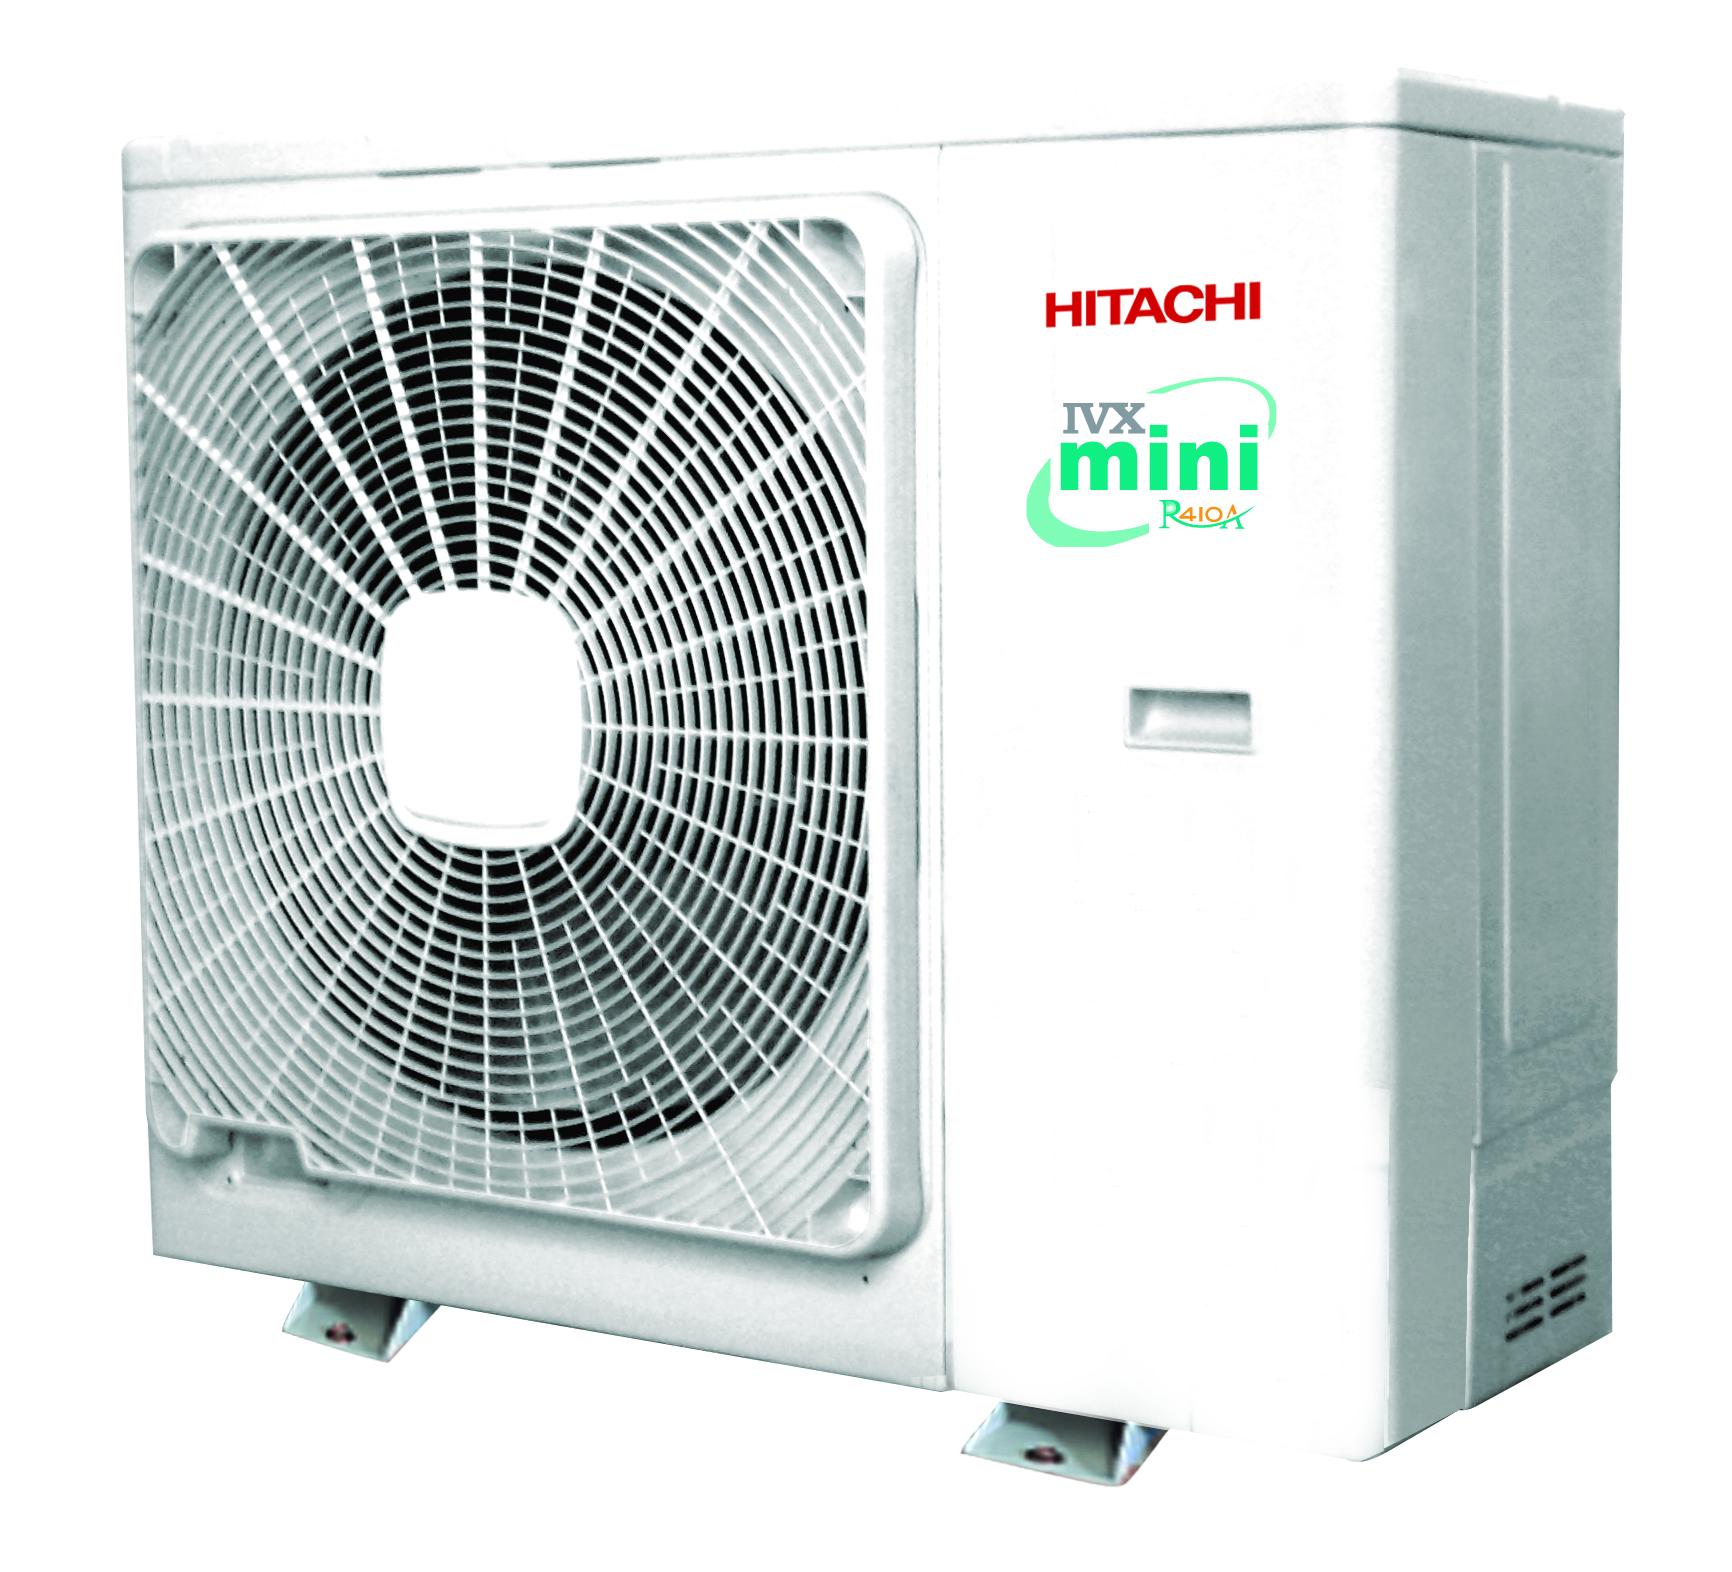 Hitachi Vrf R410a Outdoor Ivx Mini 3hp 5hp